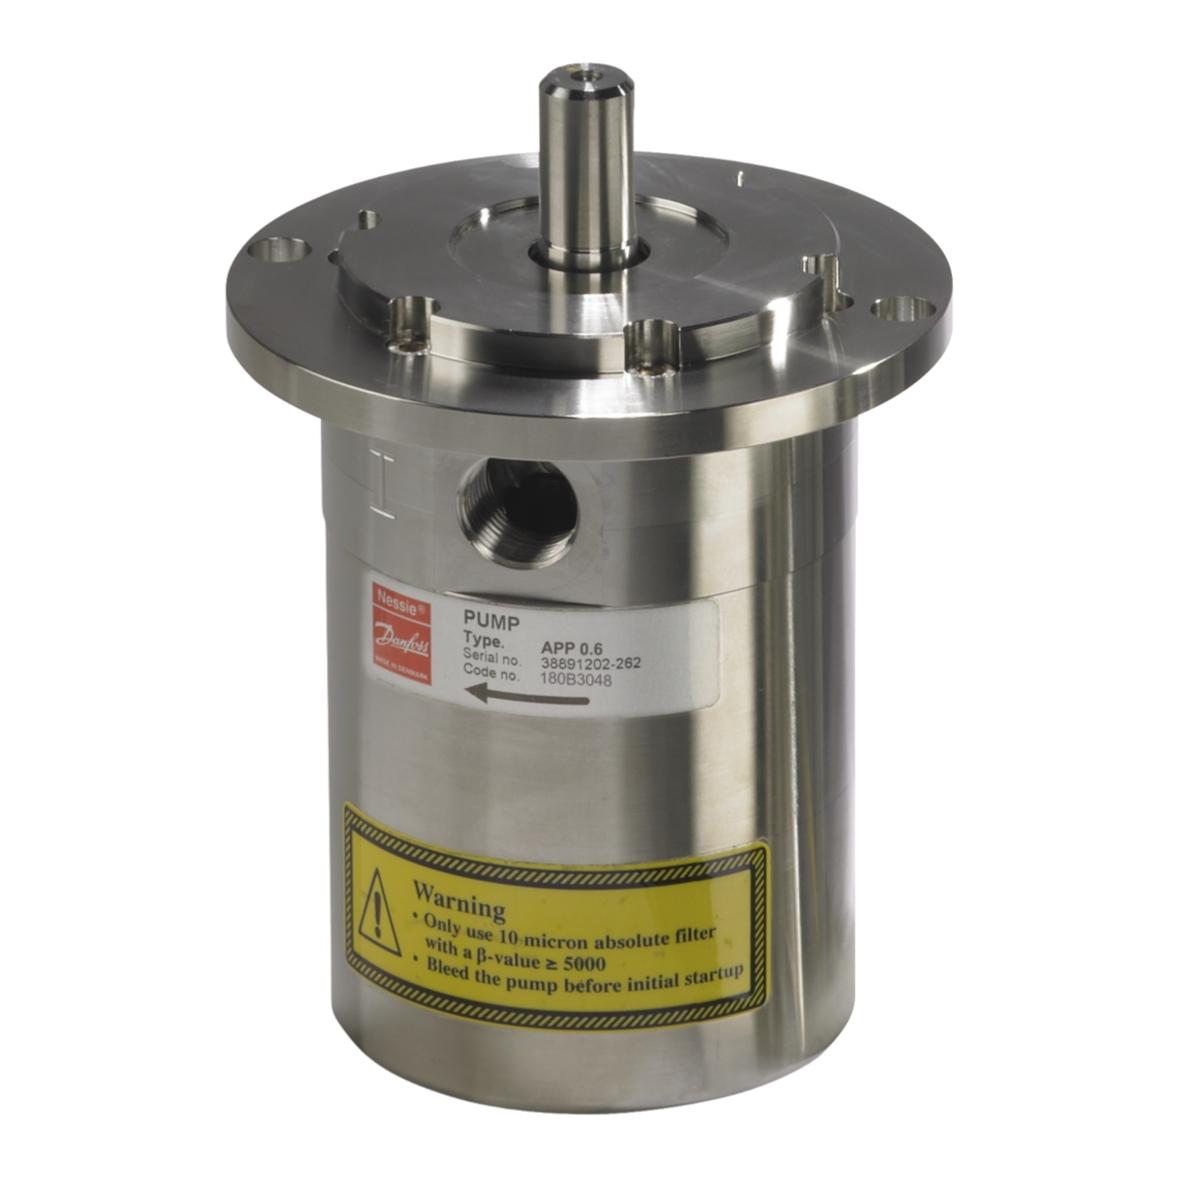 Danfoss App 0 6 180b3048 Axial Piston High Pressure Pump